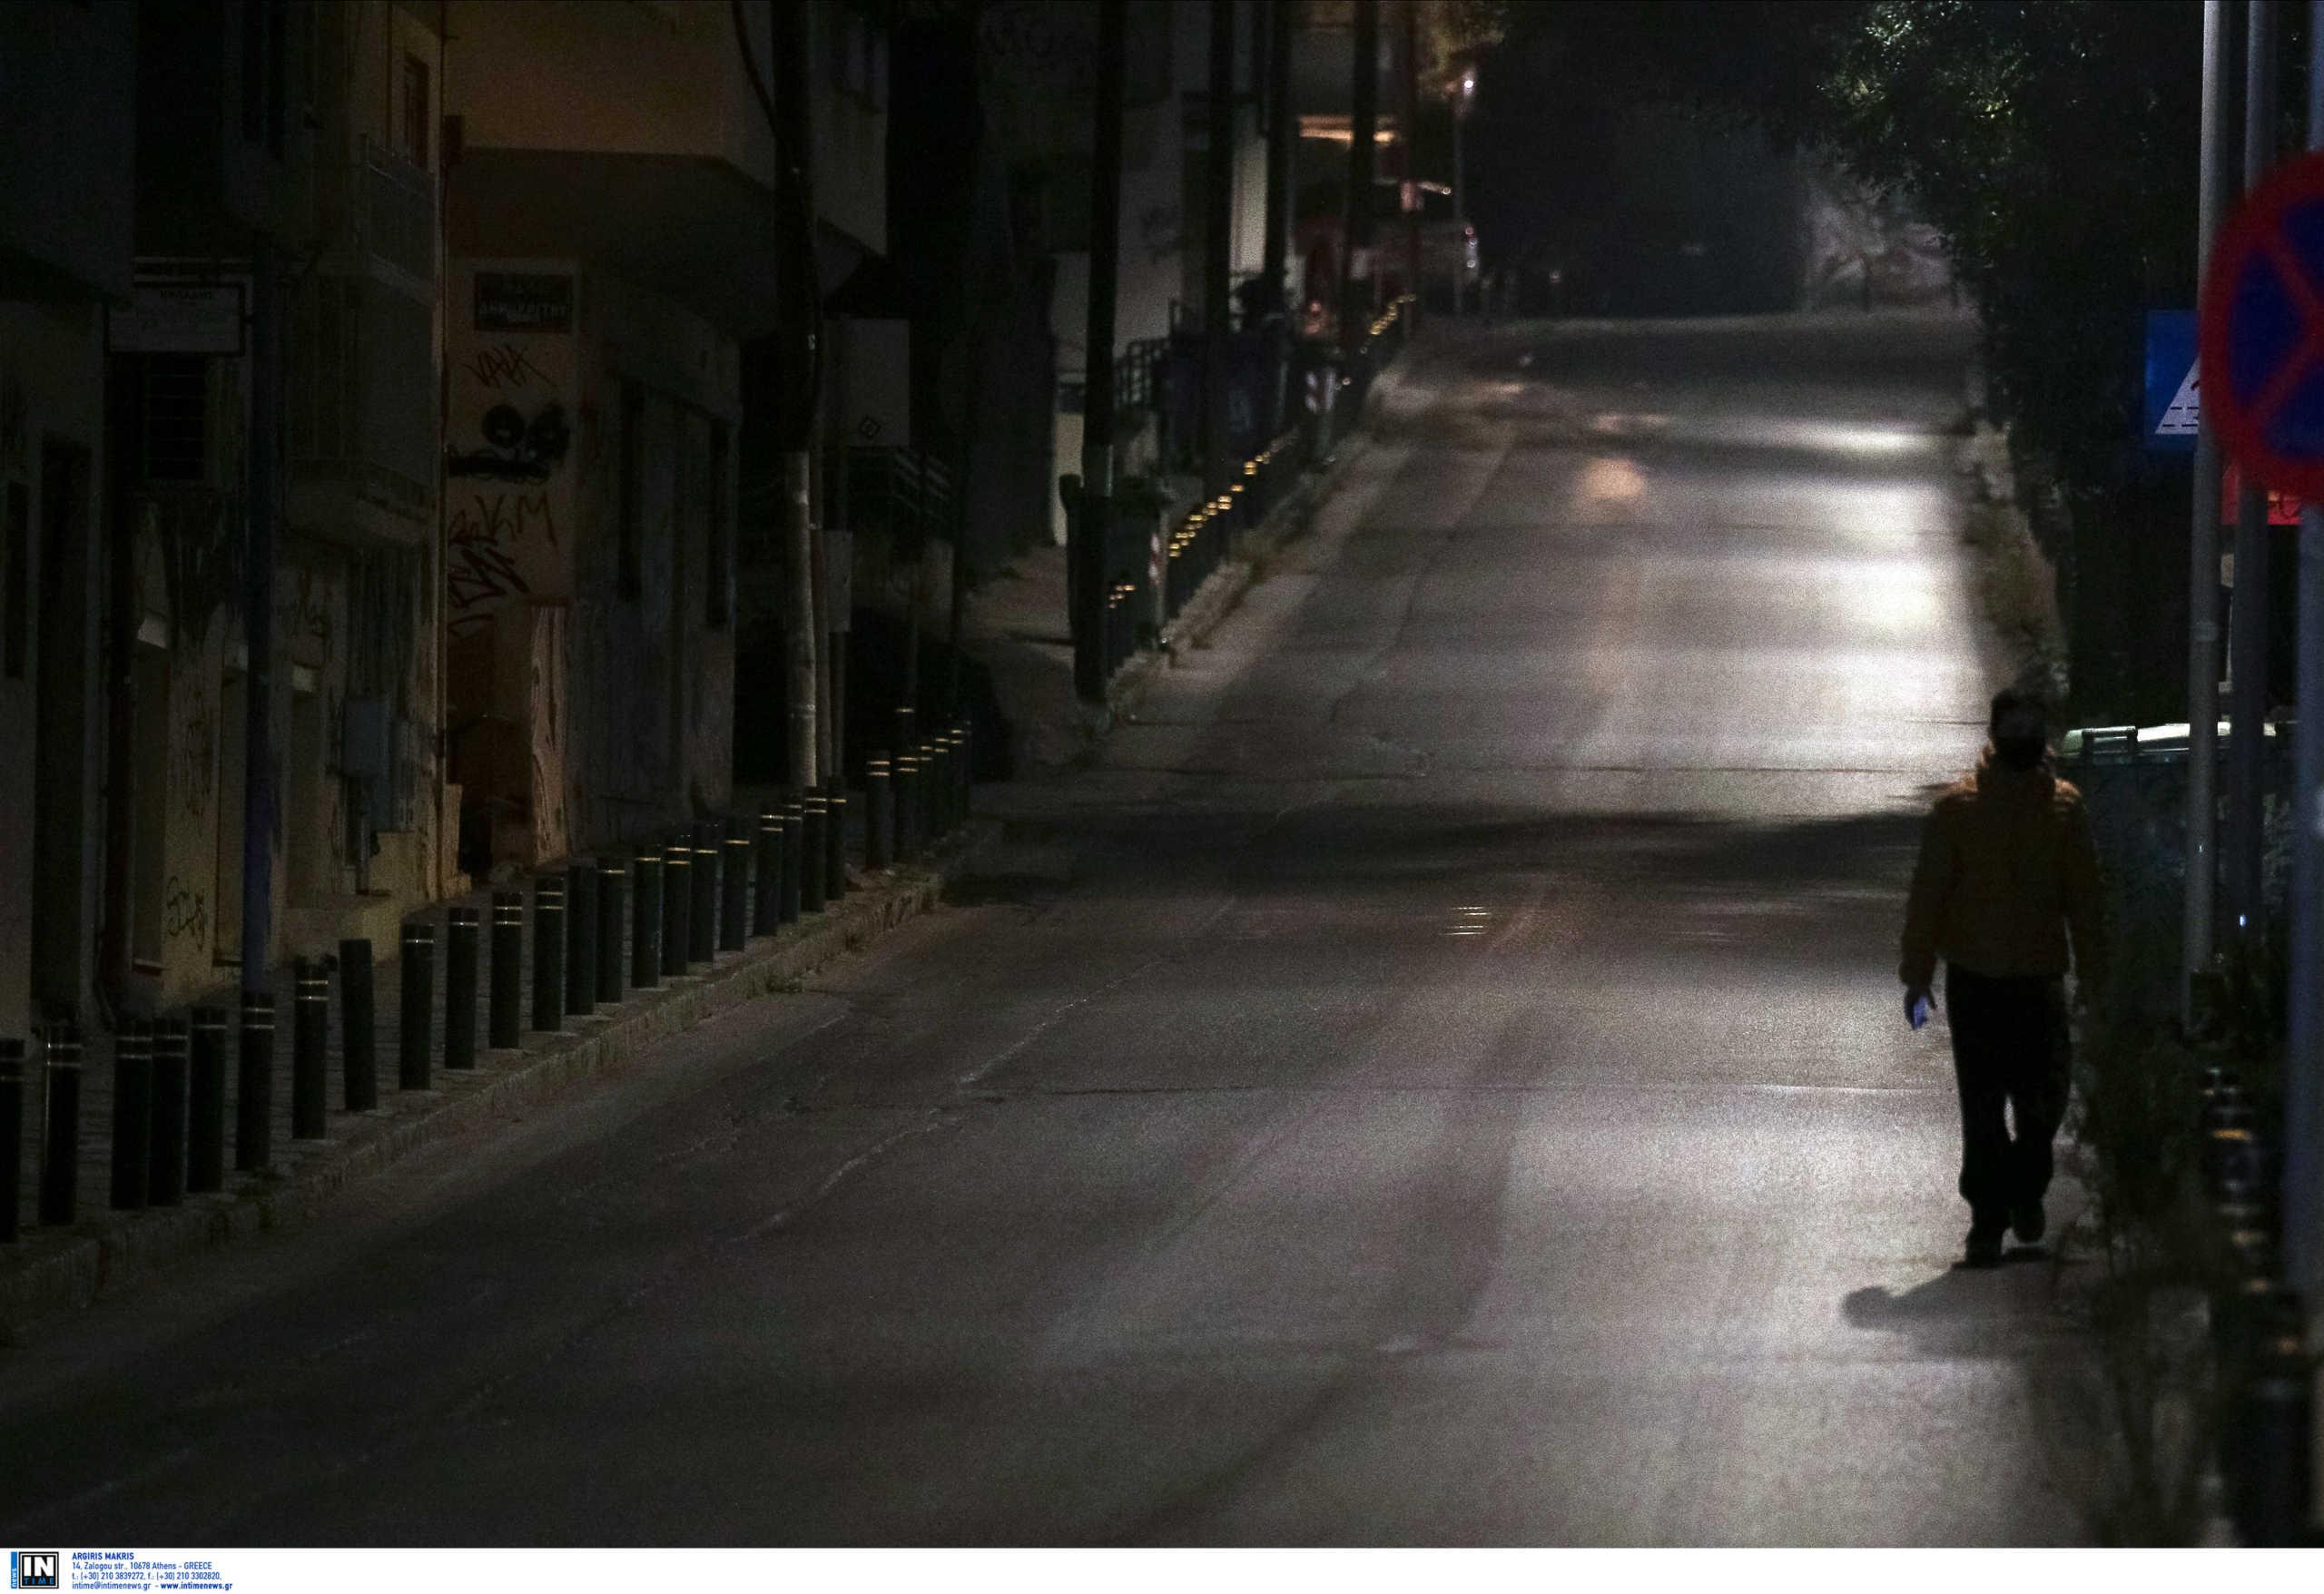 Θεσσαλονίκη: Απαγορεύεται η στάση και η στάθμευση οχημάτων γύρω από το ΑΠΘ